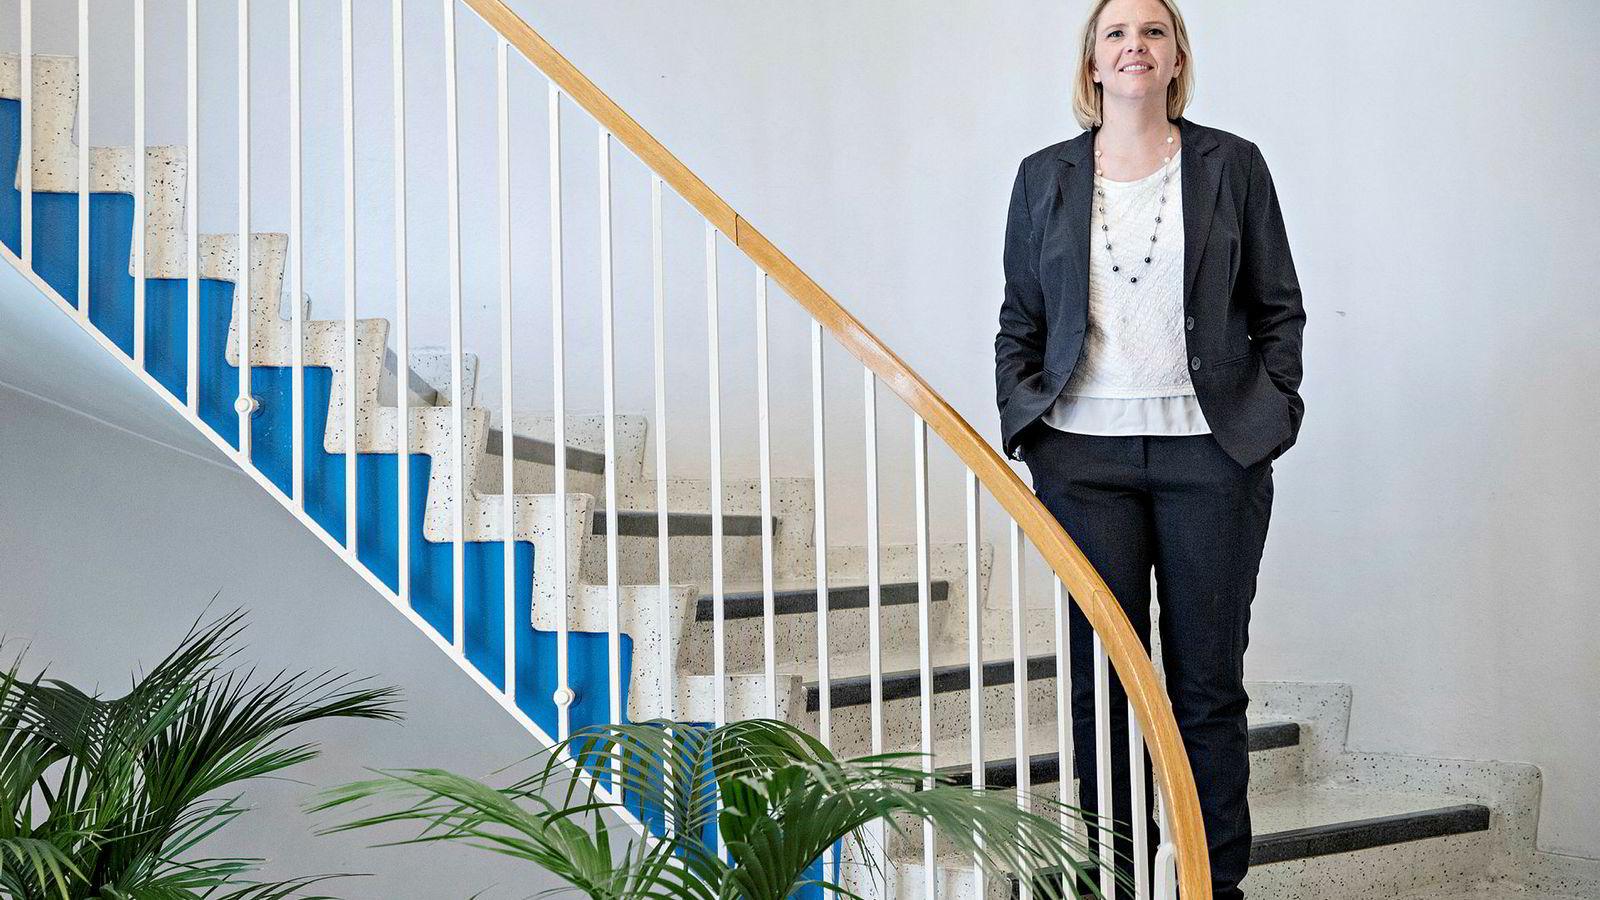 Frps nestleder Sylvi Listhaug er oppglødd av å lese Aps tidligere næringsminister Odd Eriksen nedsabling av oljepolitikken under Jonas Gahr Støre.